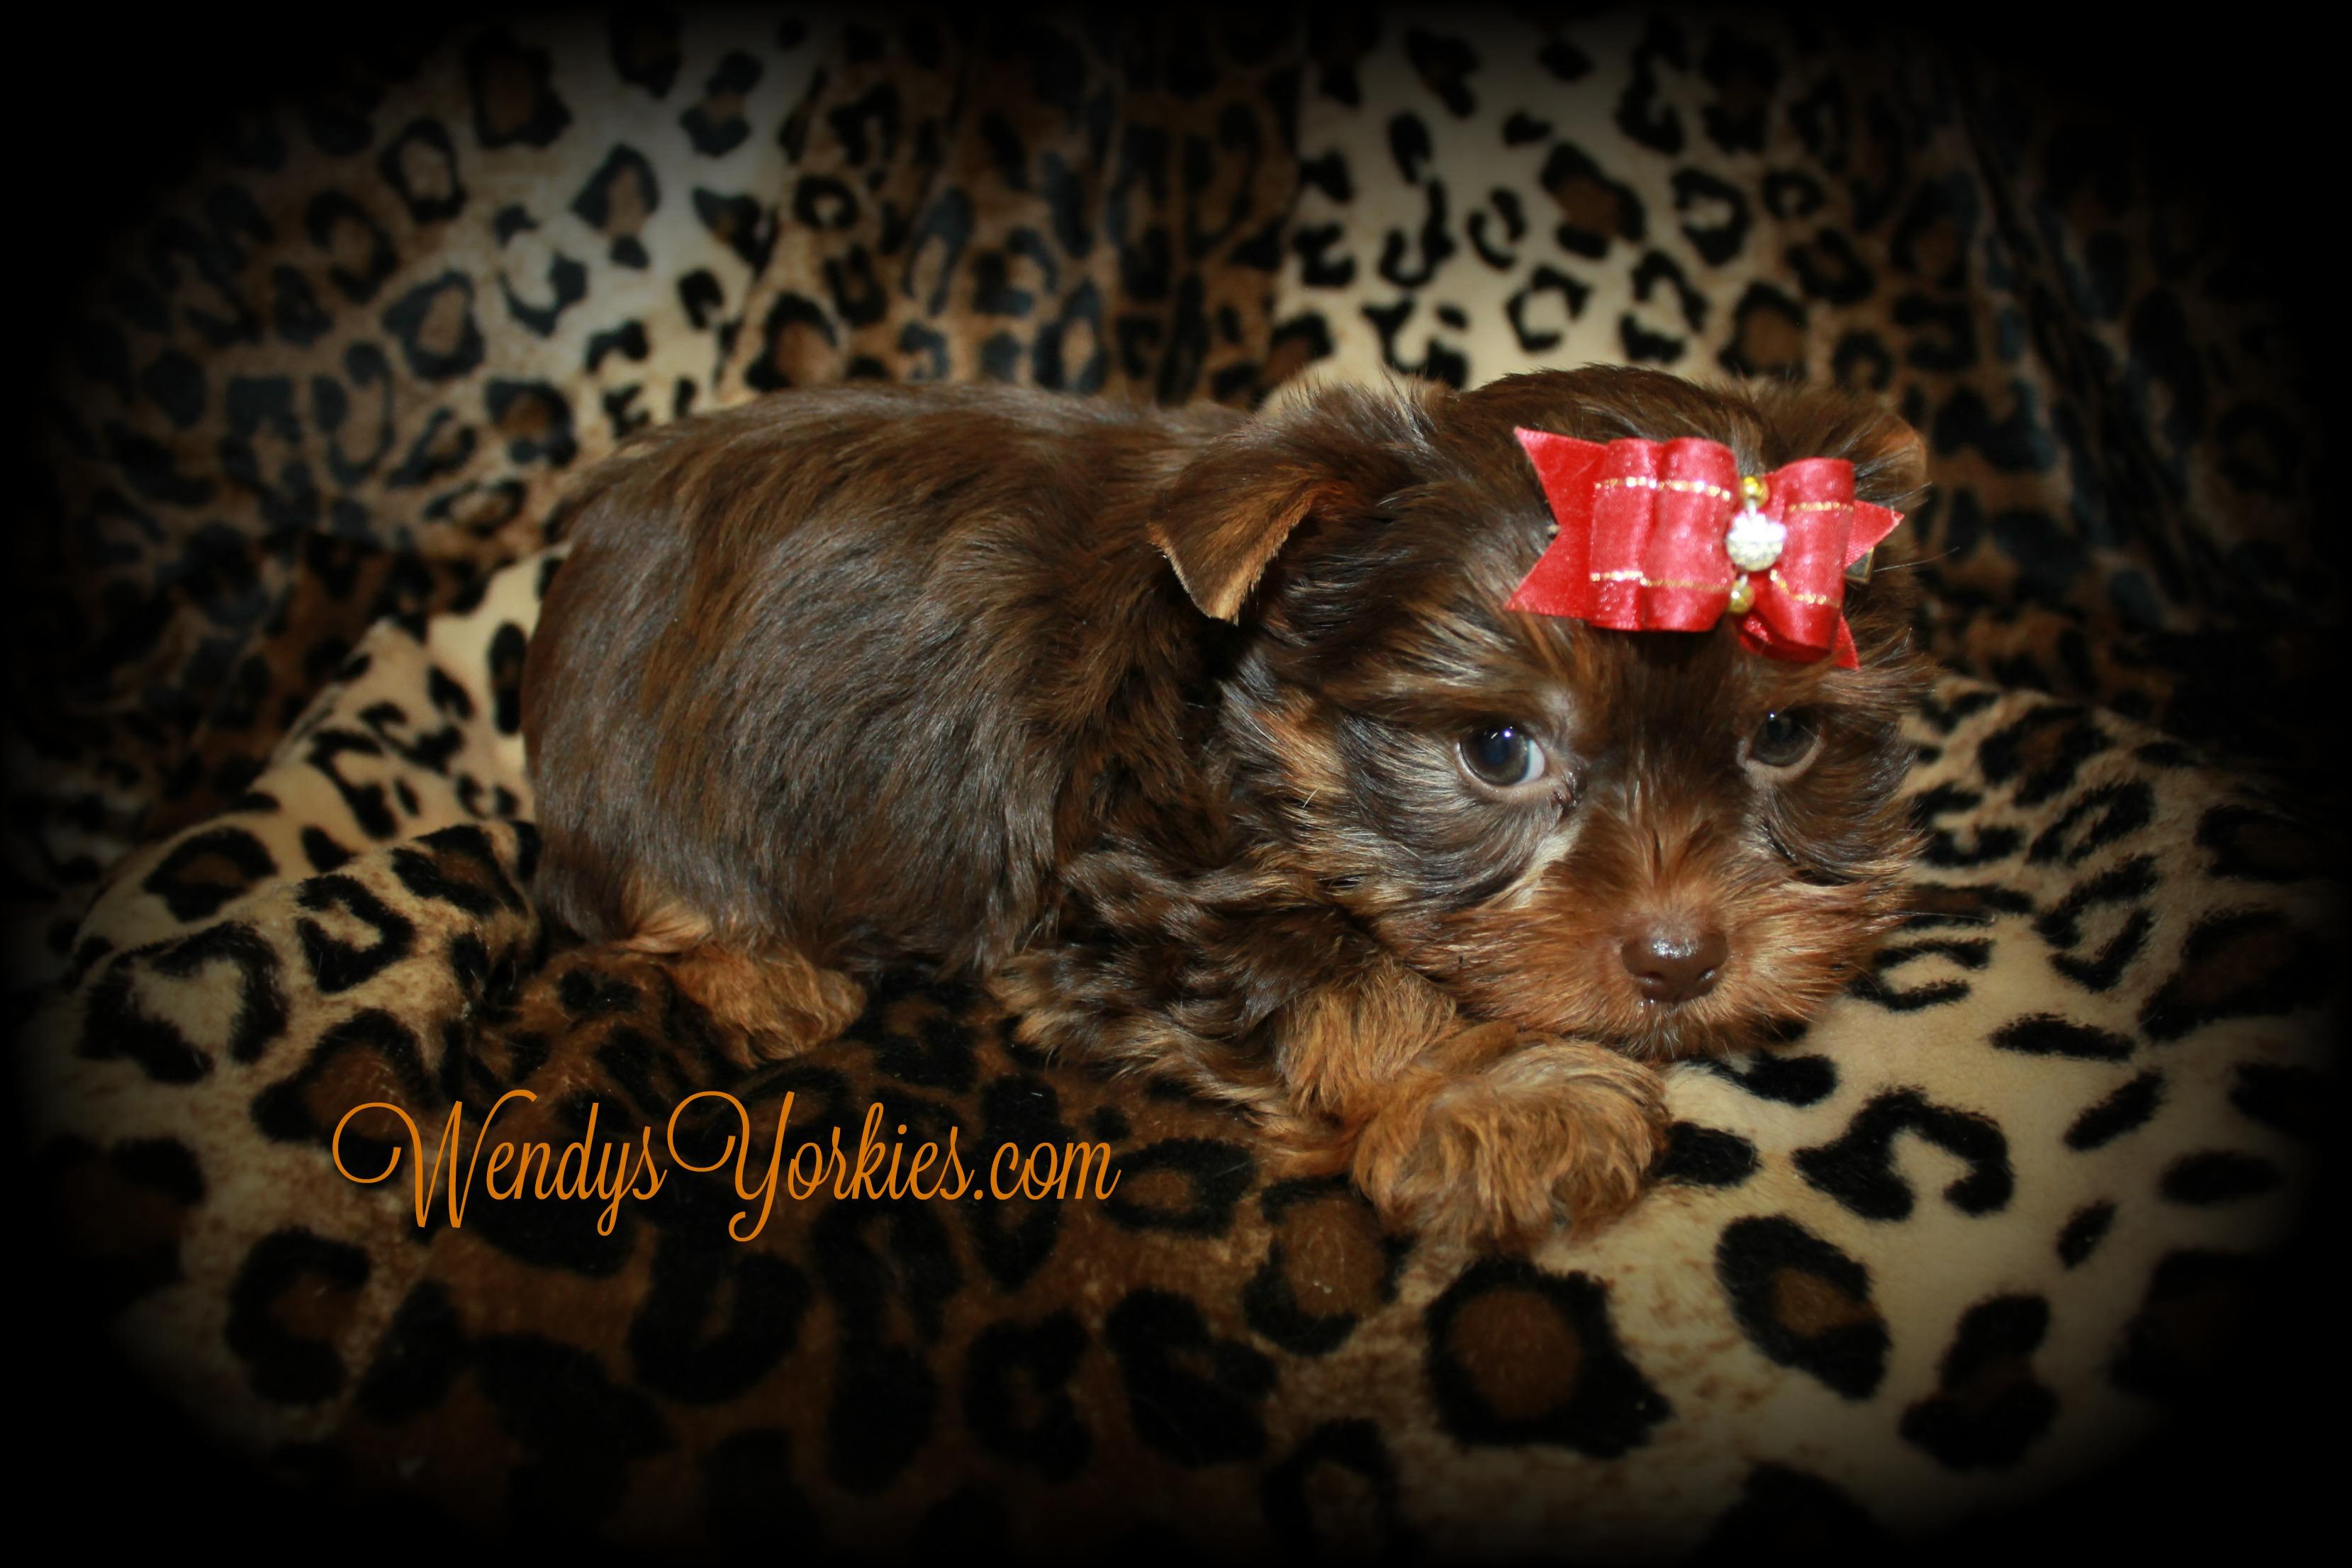 Chocolate Yorkshire Terrier puppies for sale, WendysYorkies.com, Skeeter m2